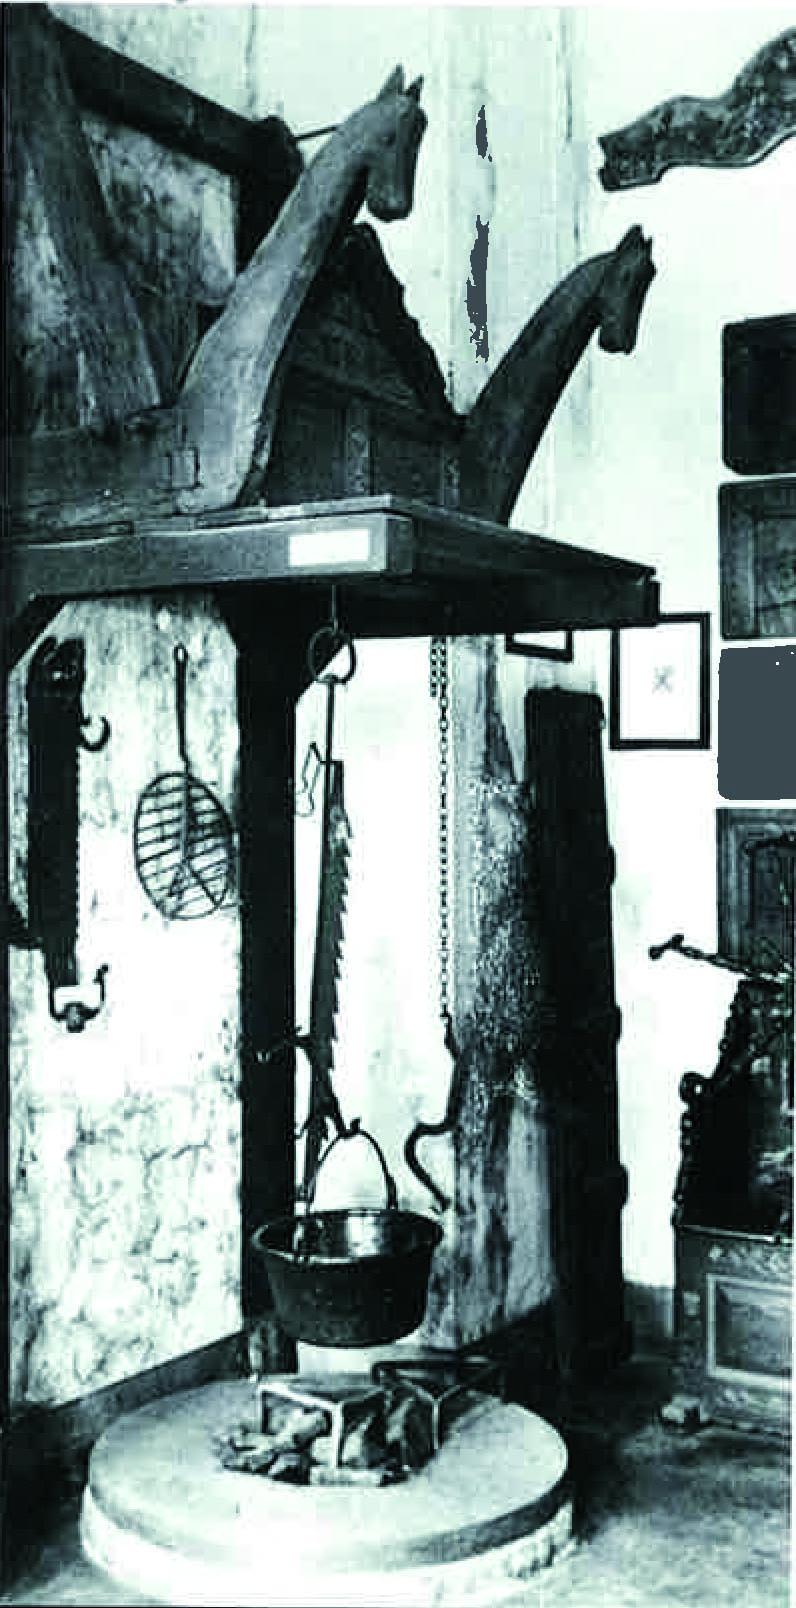 Die offene Feuerstelle mit Schwenktopf ist heute noch in mittelalterlichen Burgen zu sehen.(Foto: AMK)